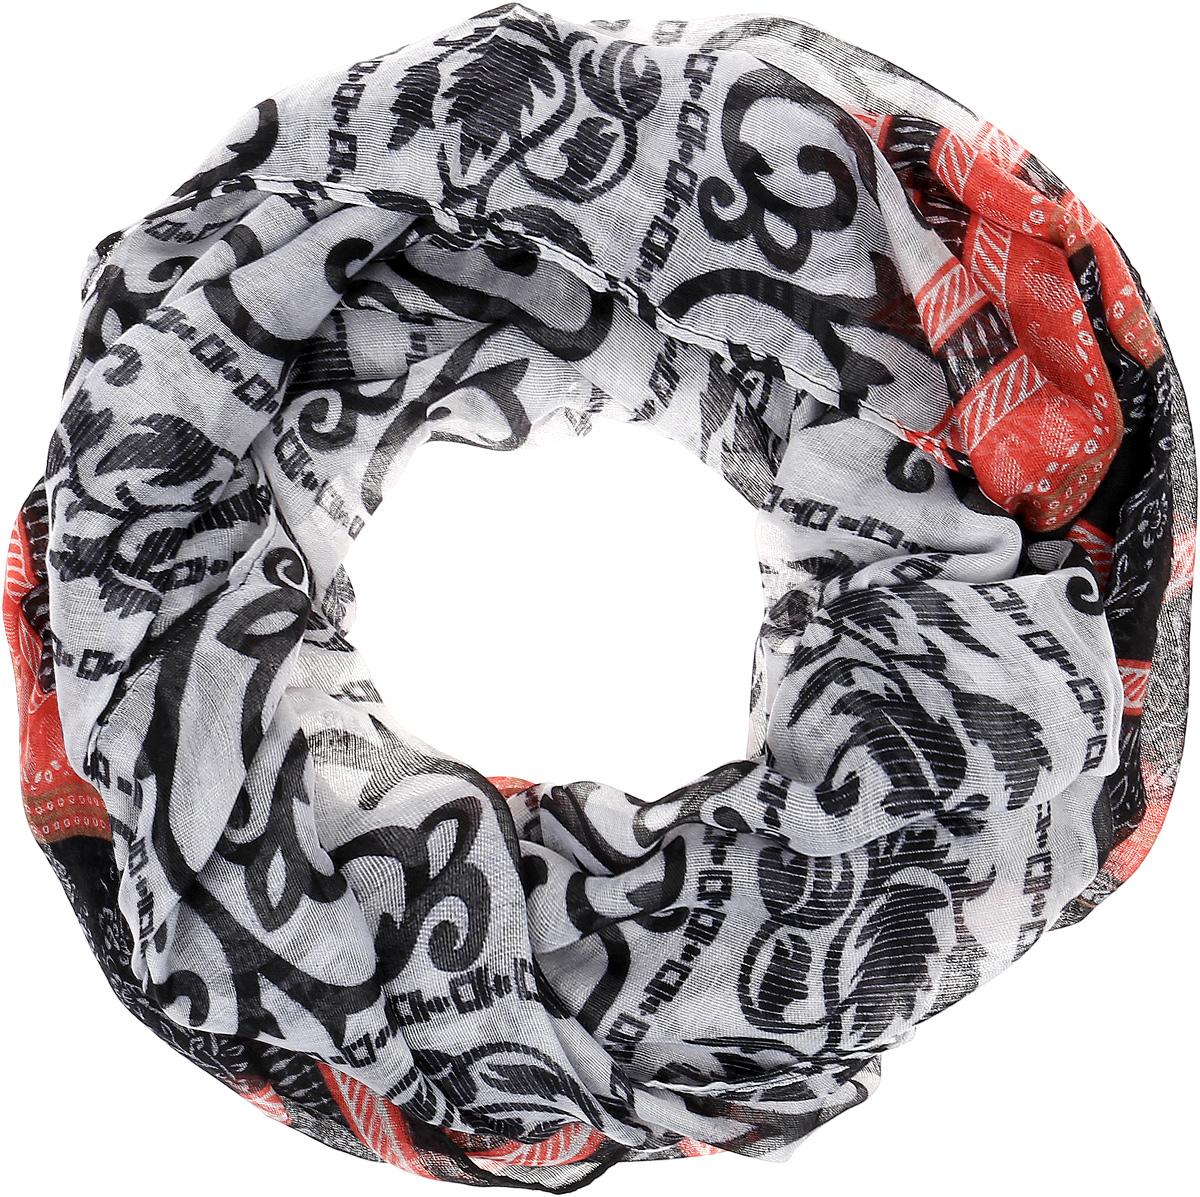 Палантин Sophie Ramage, цвет: красный, черный, серый. YY-21664-5. Размер 80 см х 180 смYY-21664-5Элегантный палантин Sophie Ramage станет достойным завершением вашего образа. Палантин изготовлен из высококачественного модала с добавлением шерсти. Оформлена модель стильными узорами. Палантин красиво драпируется, он превосходно дополнит любой наряд и подчеркнет ваш изысканный вкус. Легкий и изящный палантин привнесет в ваш образ утонченность и шарм.